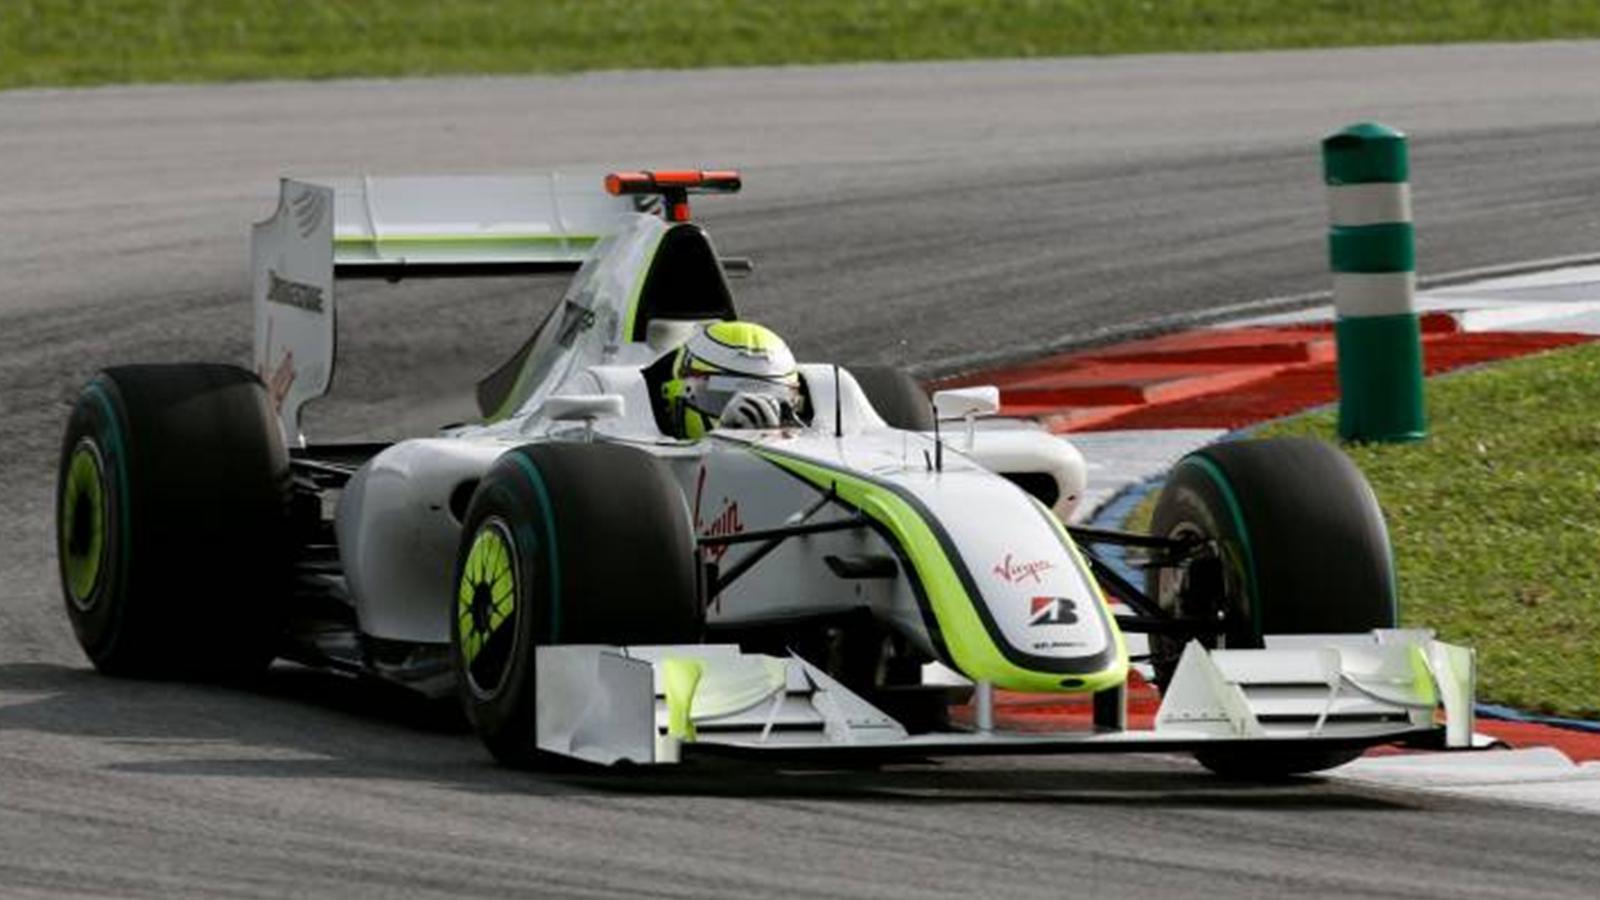 La r ponse de brawn formule 1 eurosport - Formule vitesse de coupe ...